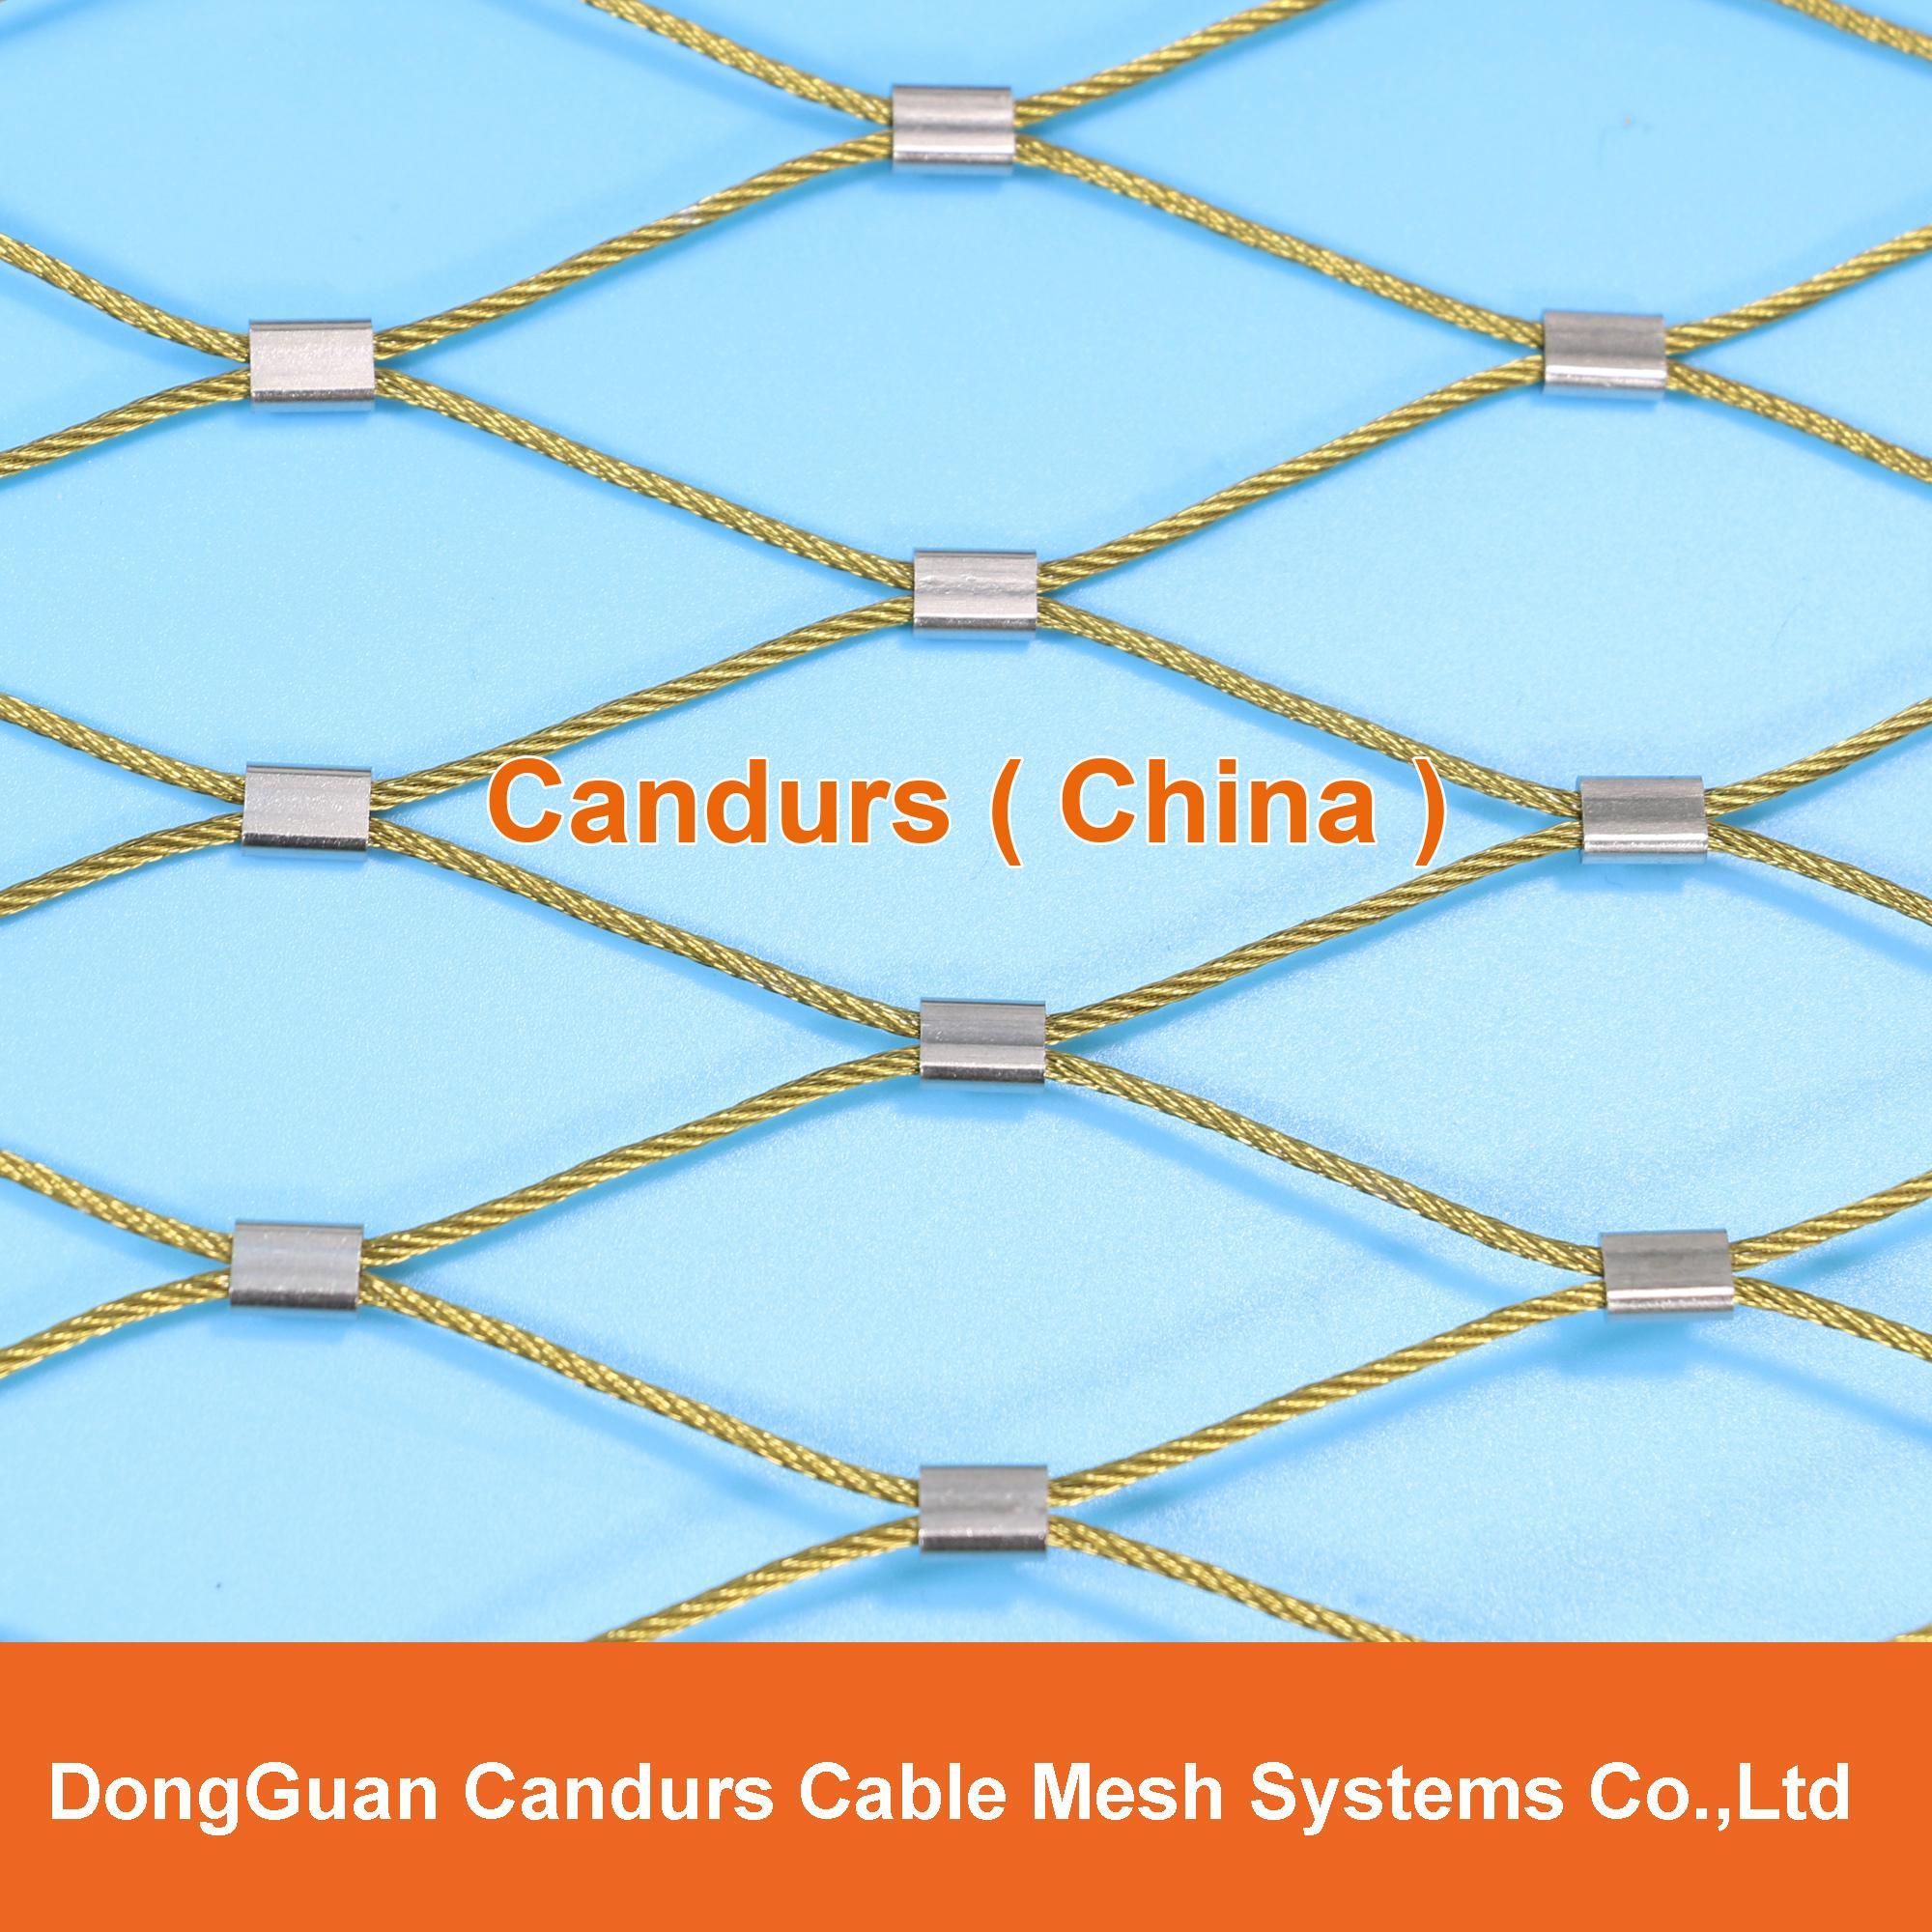 屋頂安全防護不鏽鋼繩網 12